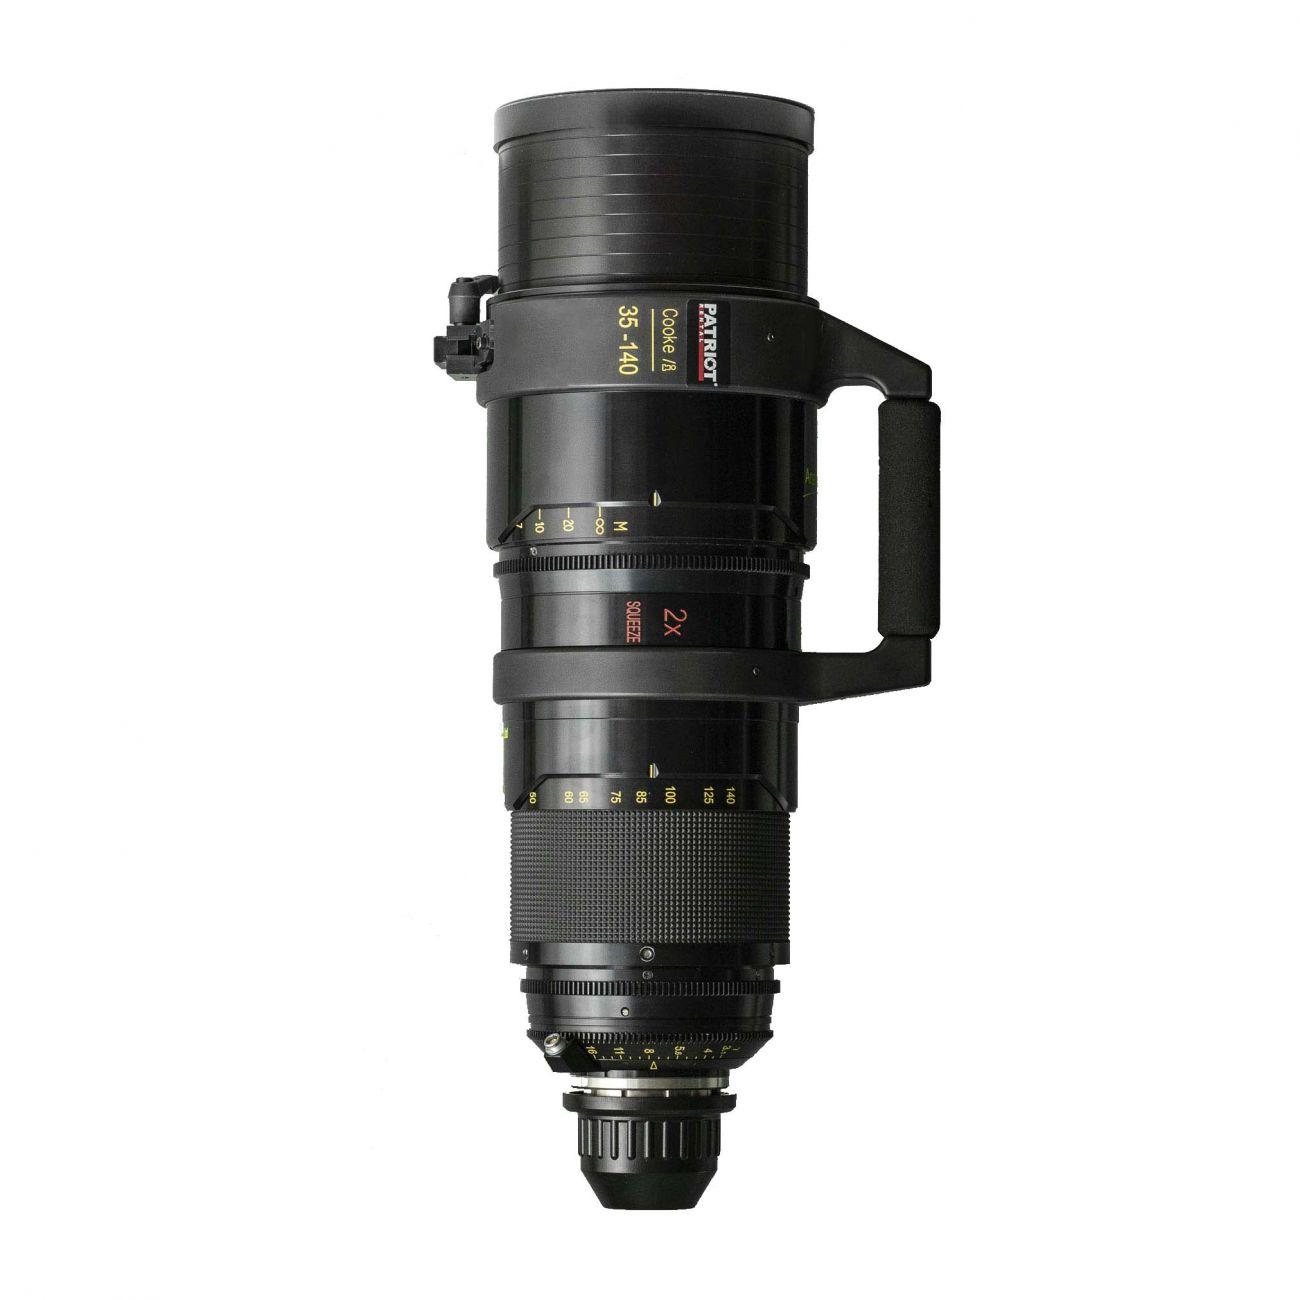 COOKE ANAMORPHIC/I Zoom 35-140mm T3.1